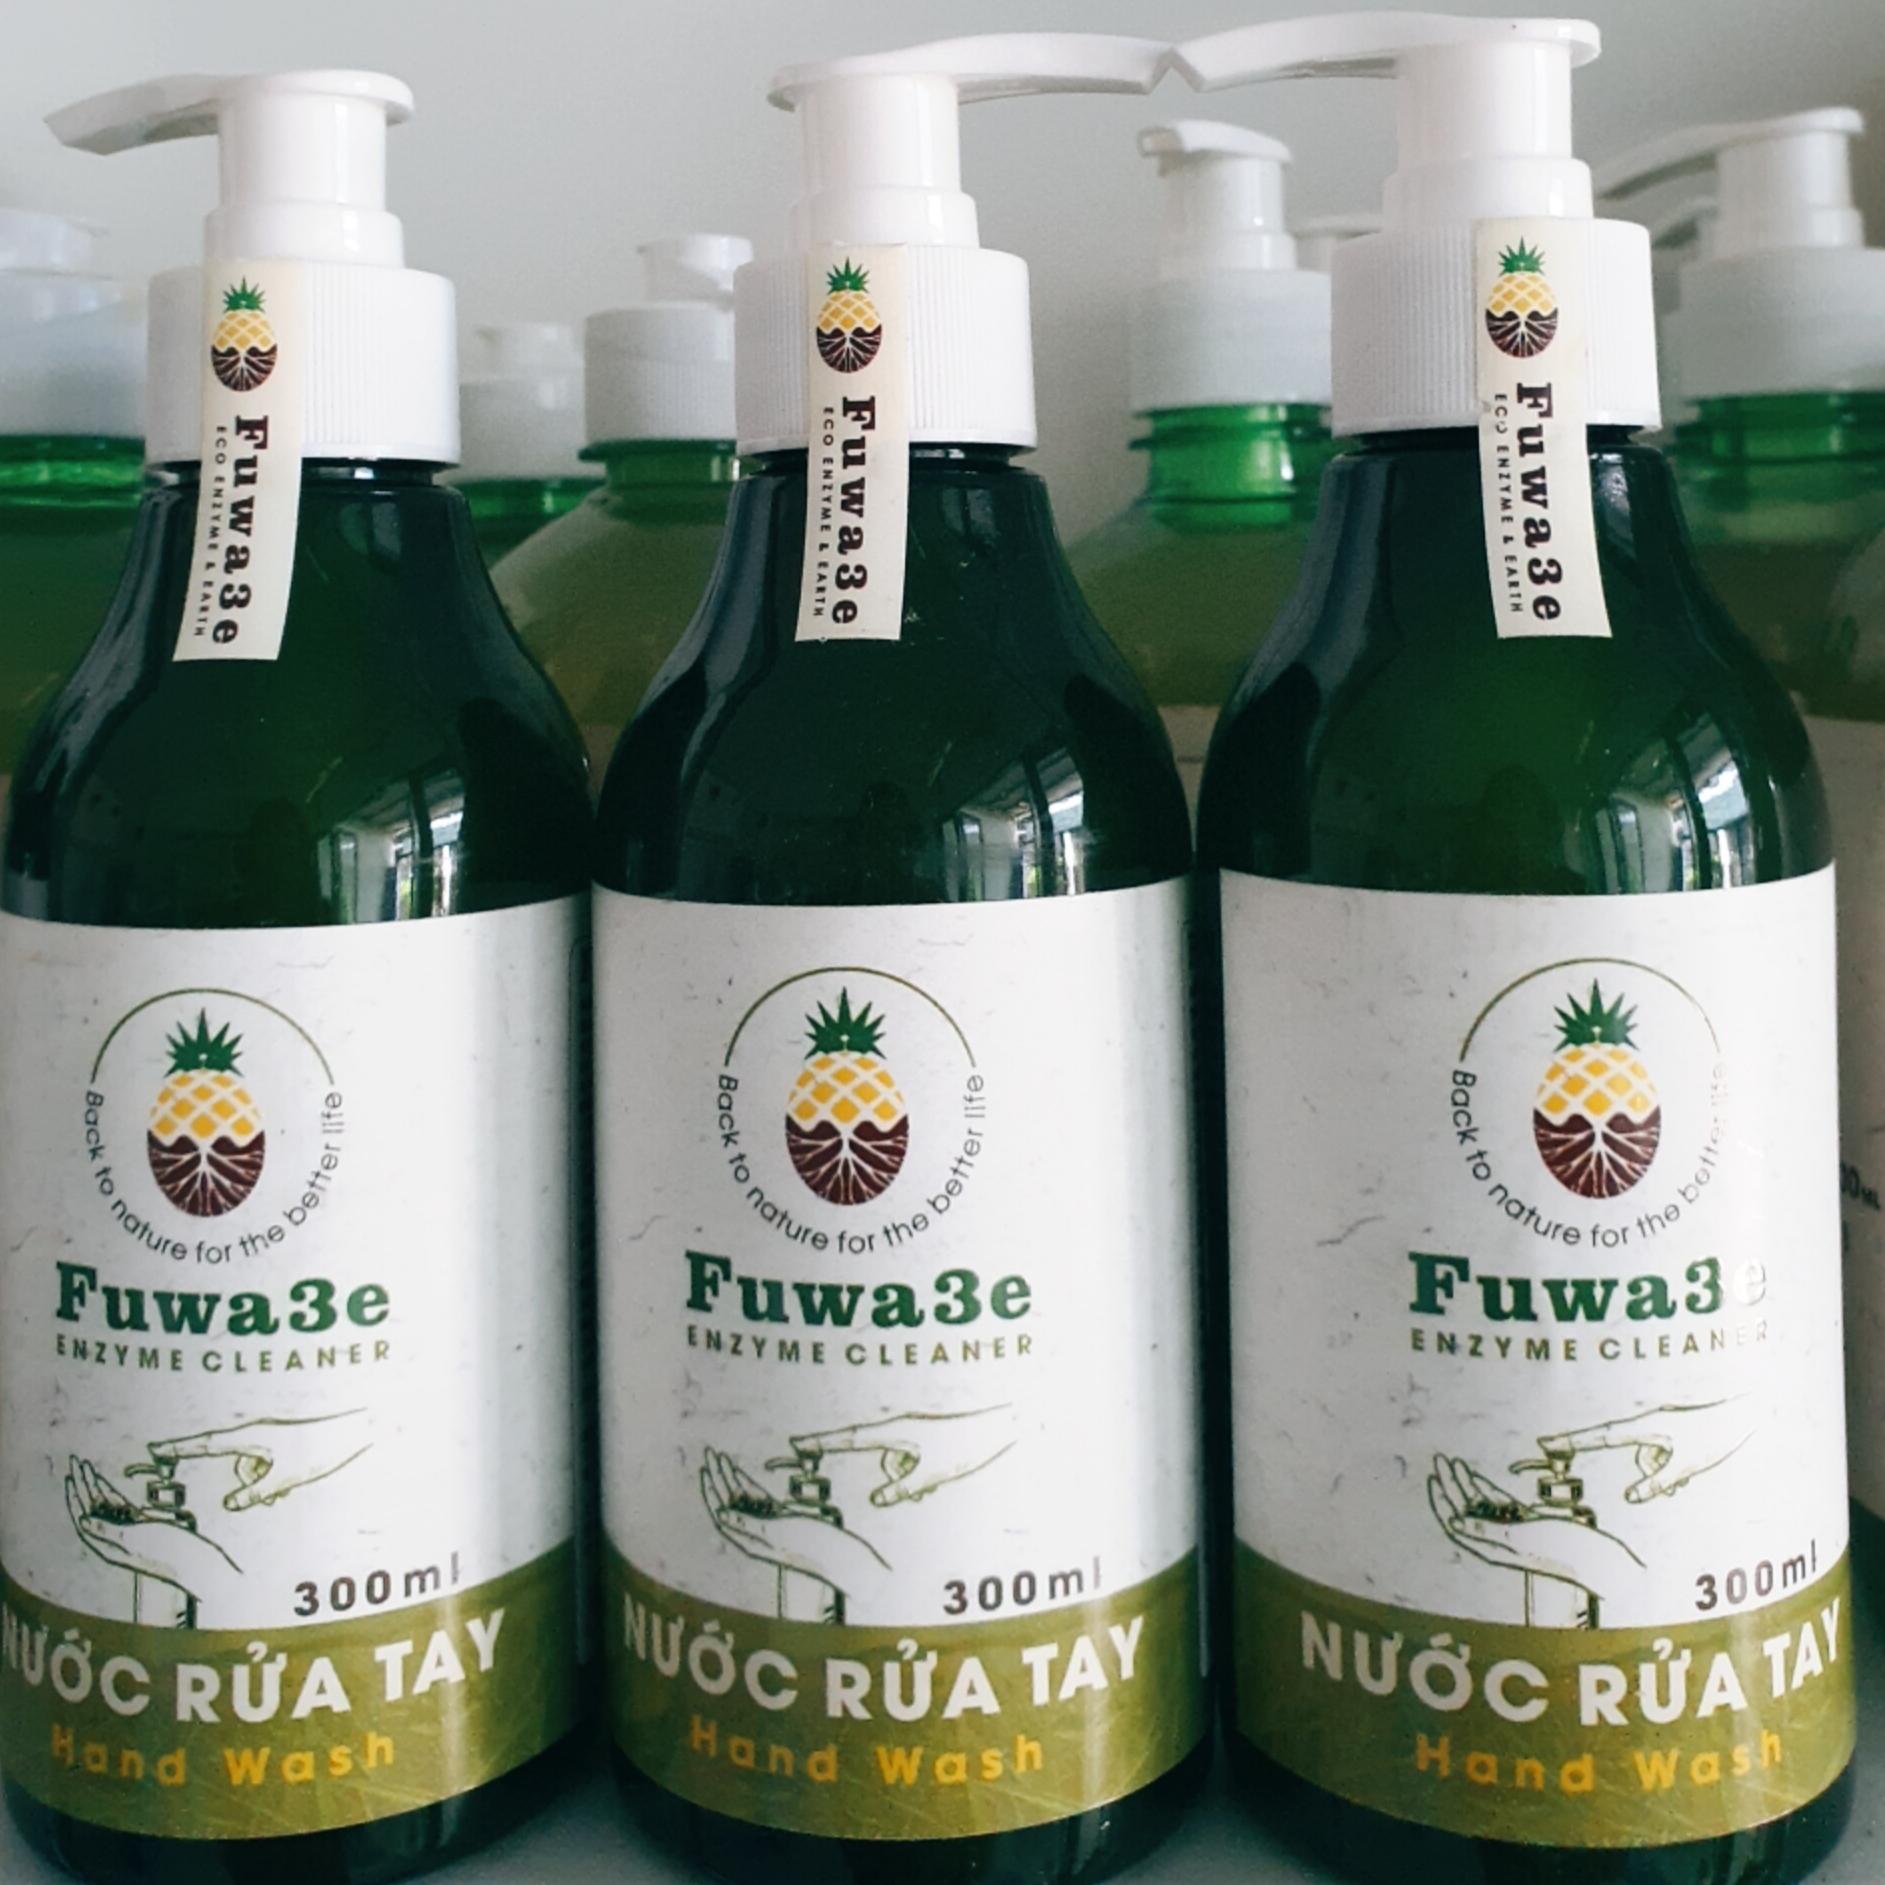 Nước rửa tay sinh học enzym từ vỏ trái cây - 300ml - An toàn cho da tay và môi trường (hương quýt)